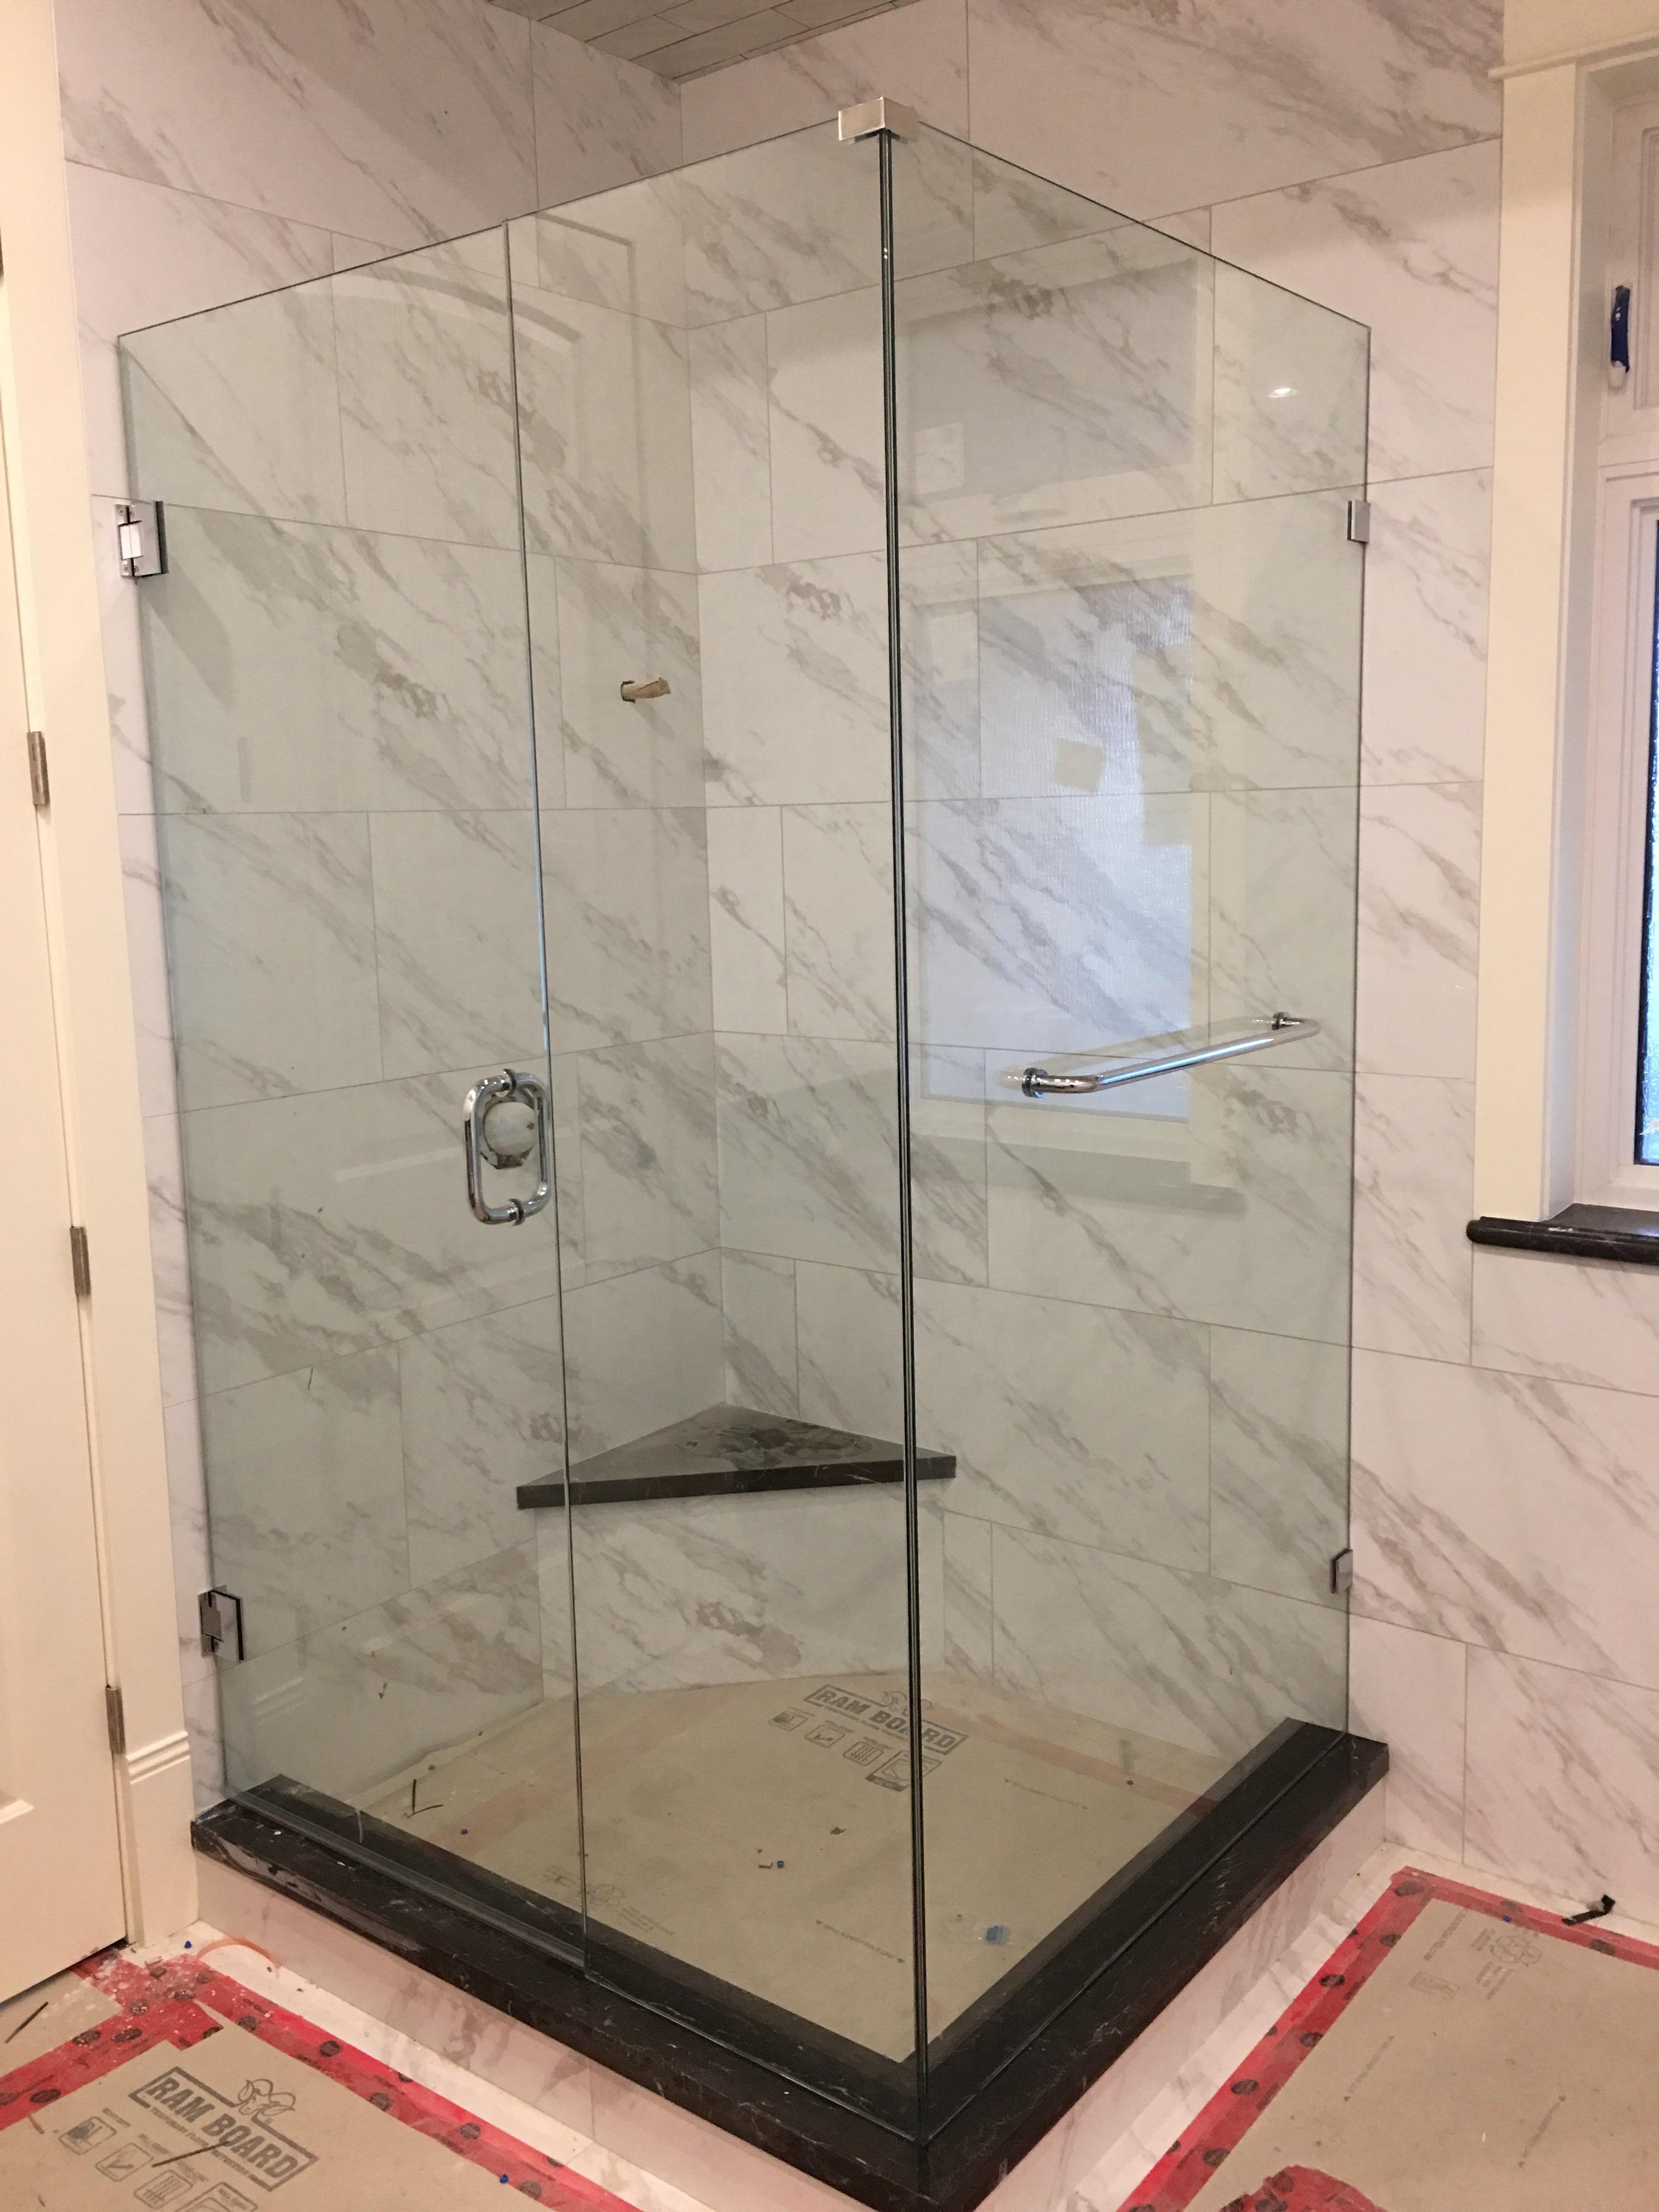 Three-piece shower